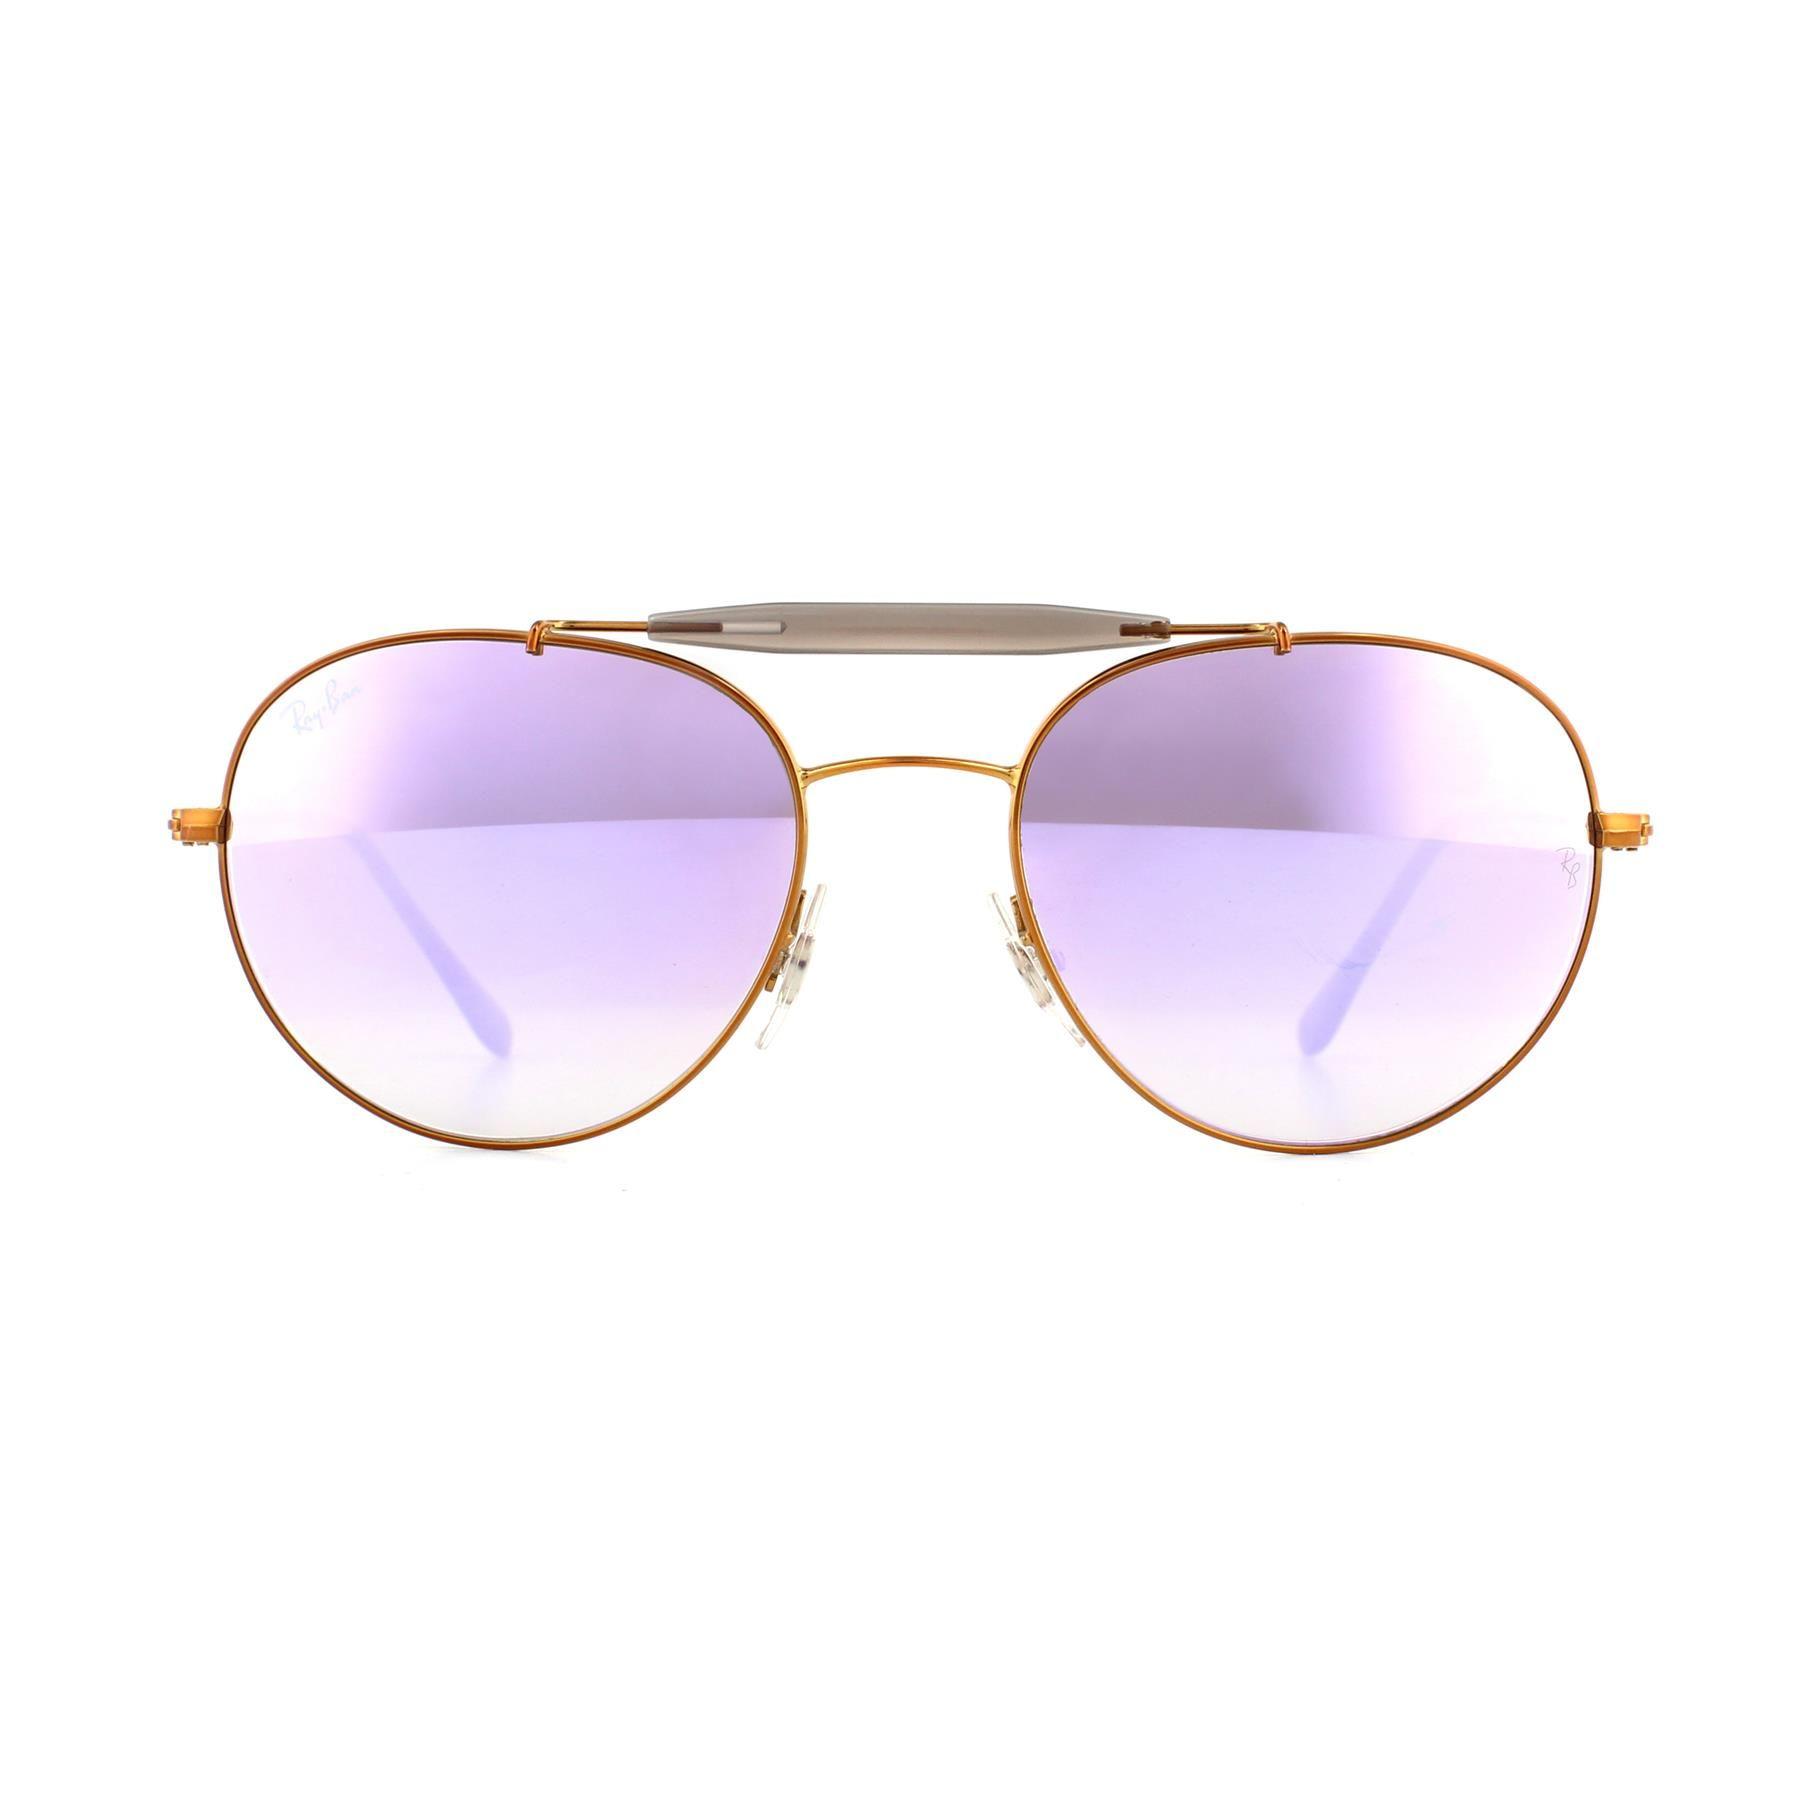 Ray-Ban Sunglasses 3540 198/7X Bronze Copper Lilac Gradient Mirror 56mm